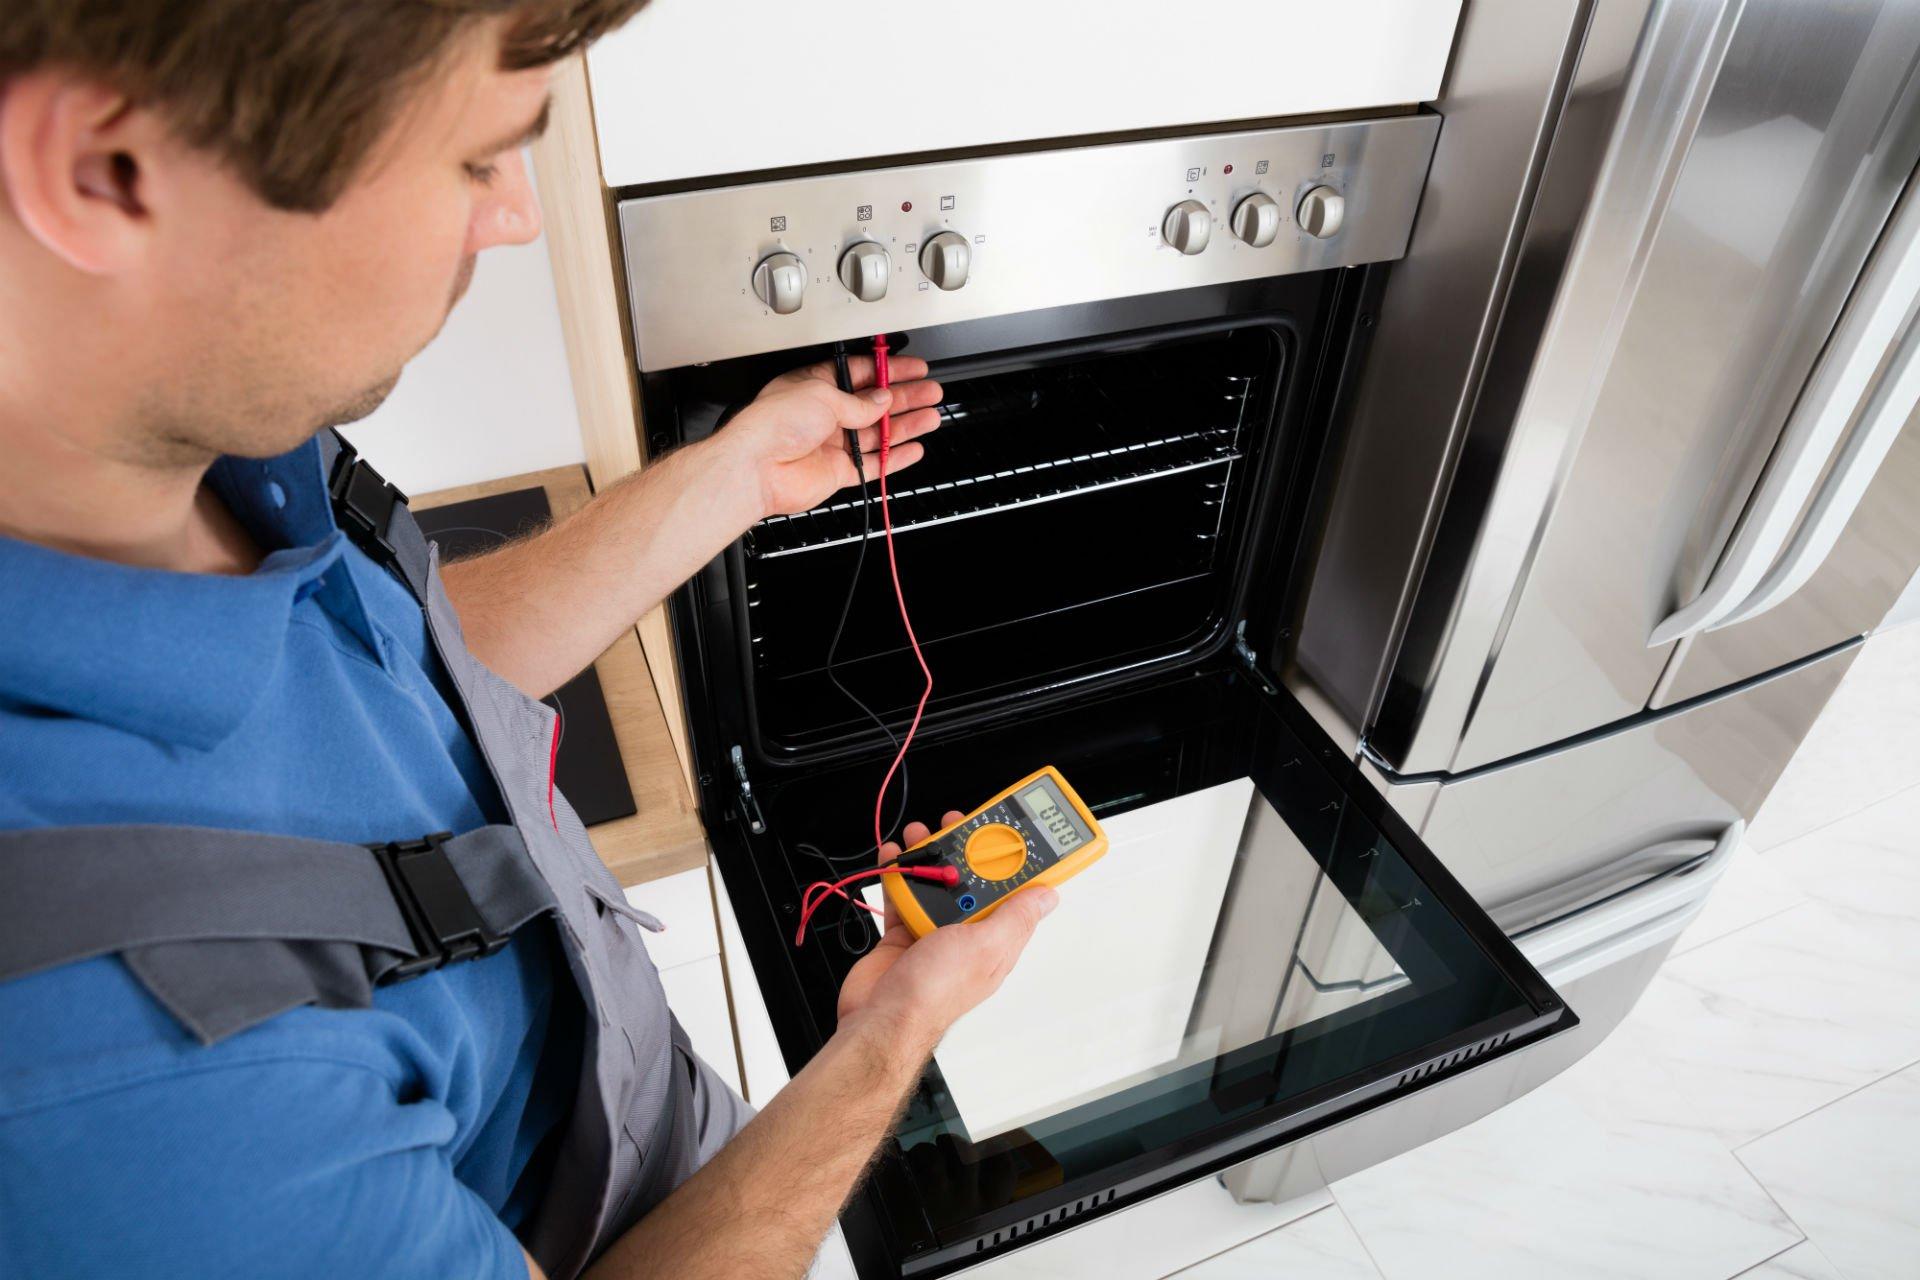 un tecnico con un tester che testa un forno